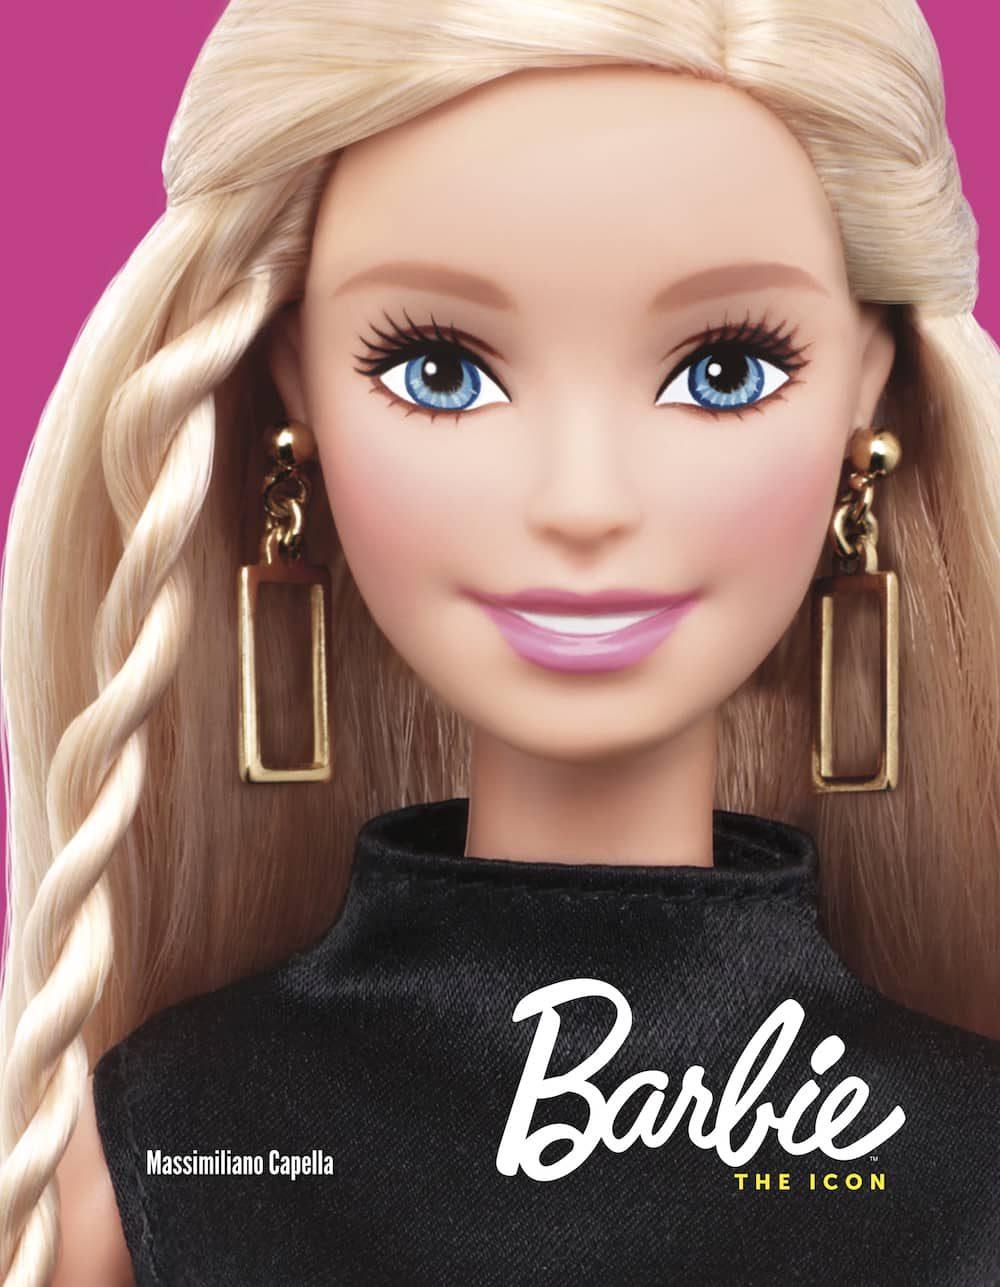 barbie el icono-massimiliano capella-9788416986026